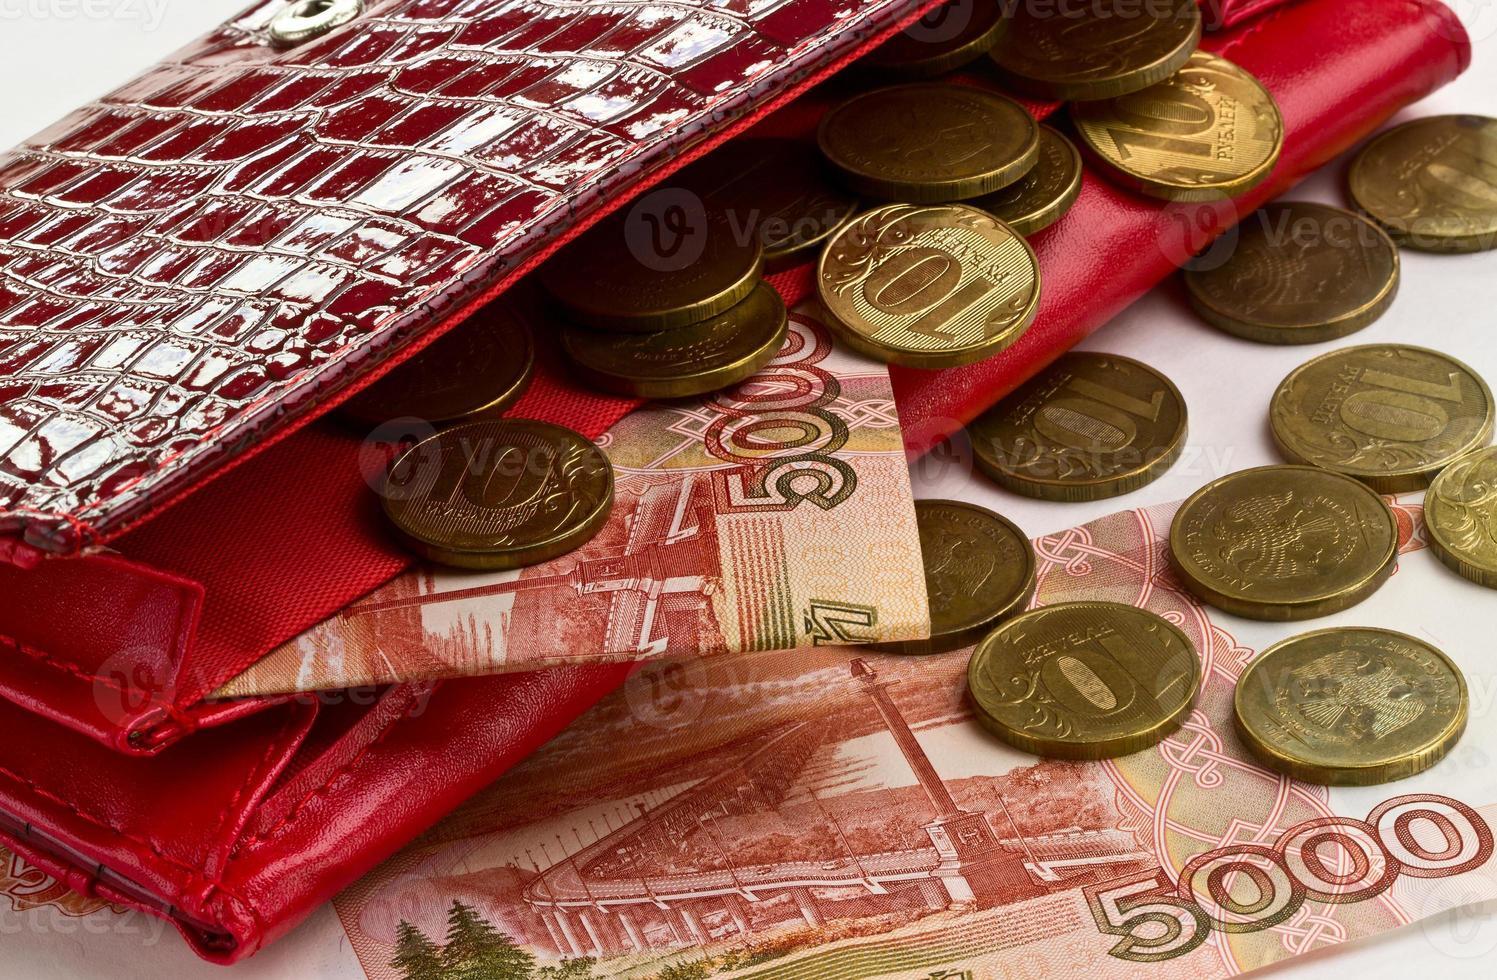 pengar i en röd handväska foto